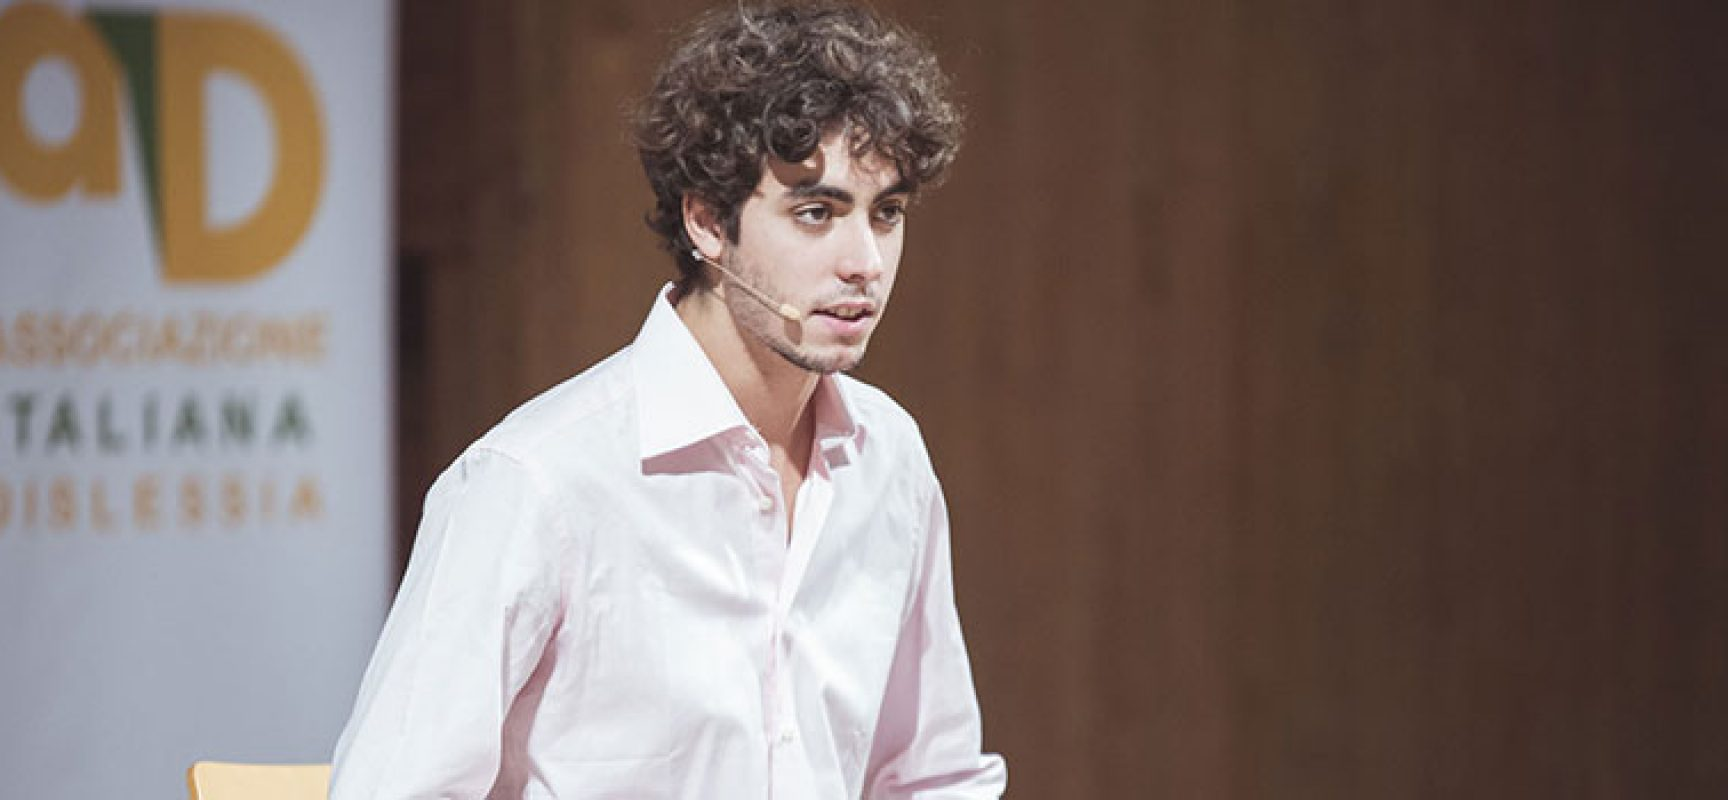 Settimana nazionale dislessia, monologo di Francesco Riva al Don Sturzo